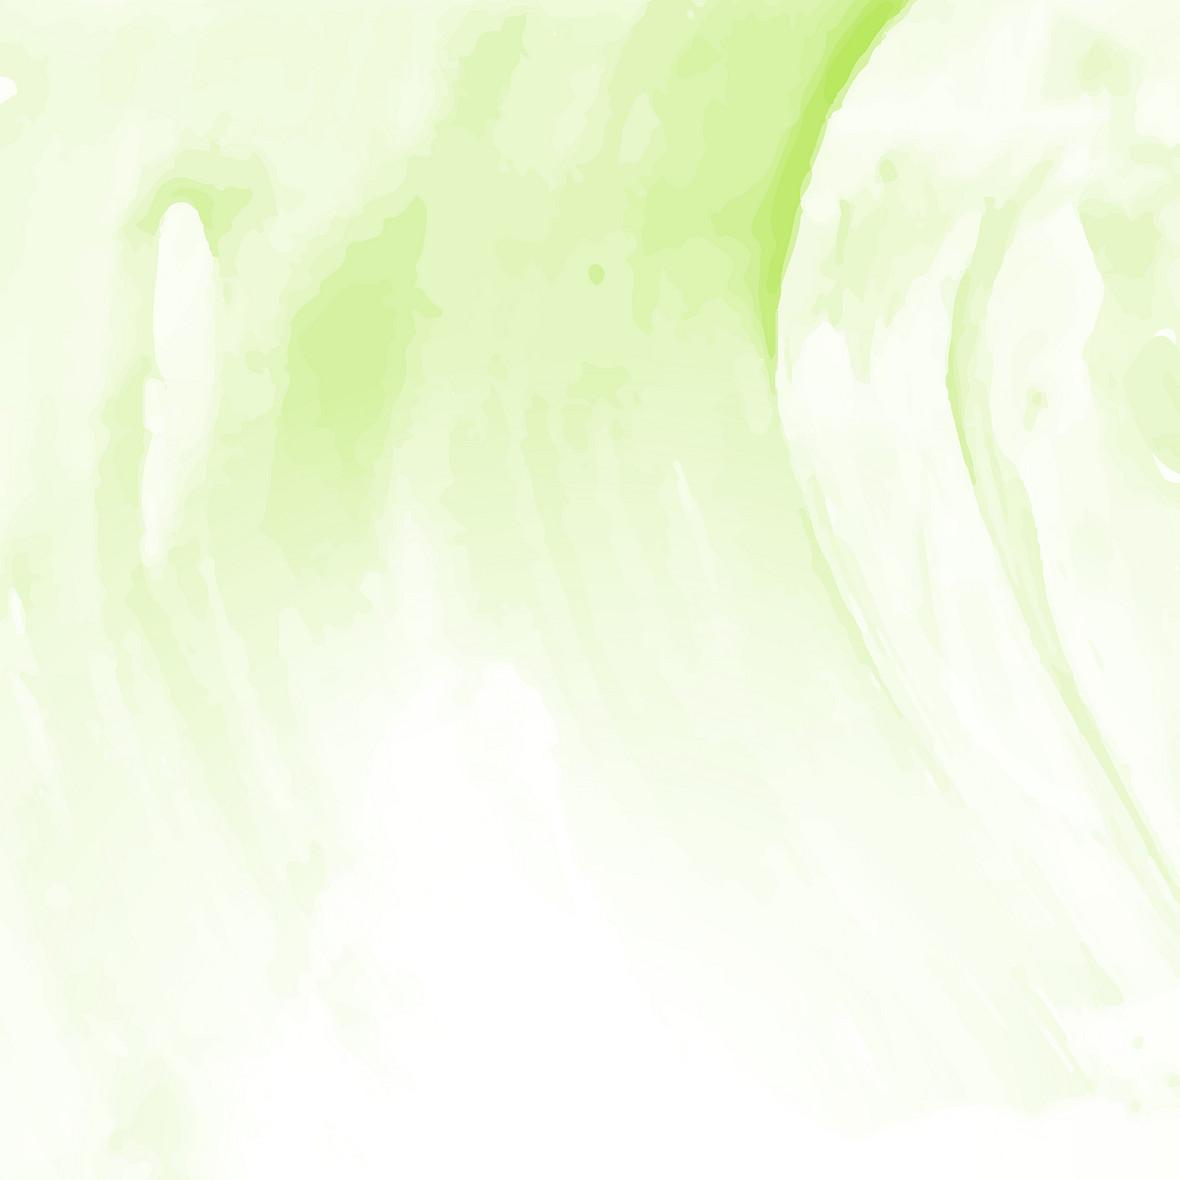 绿色水彩梦幻渐变背景素材